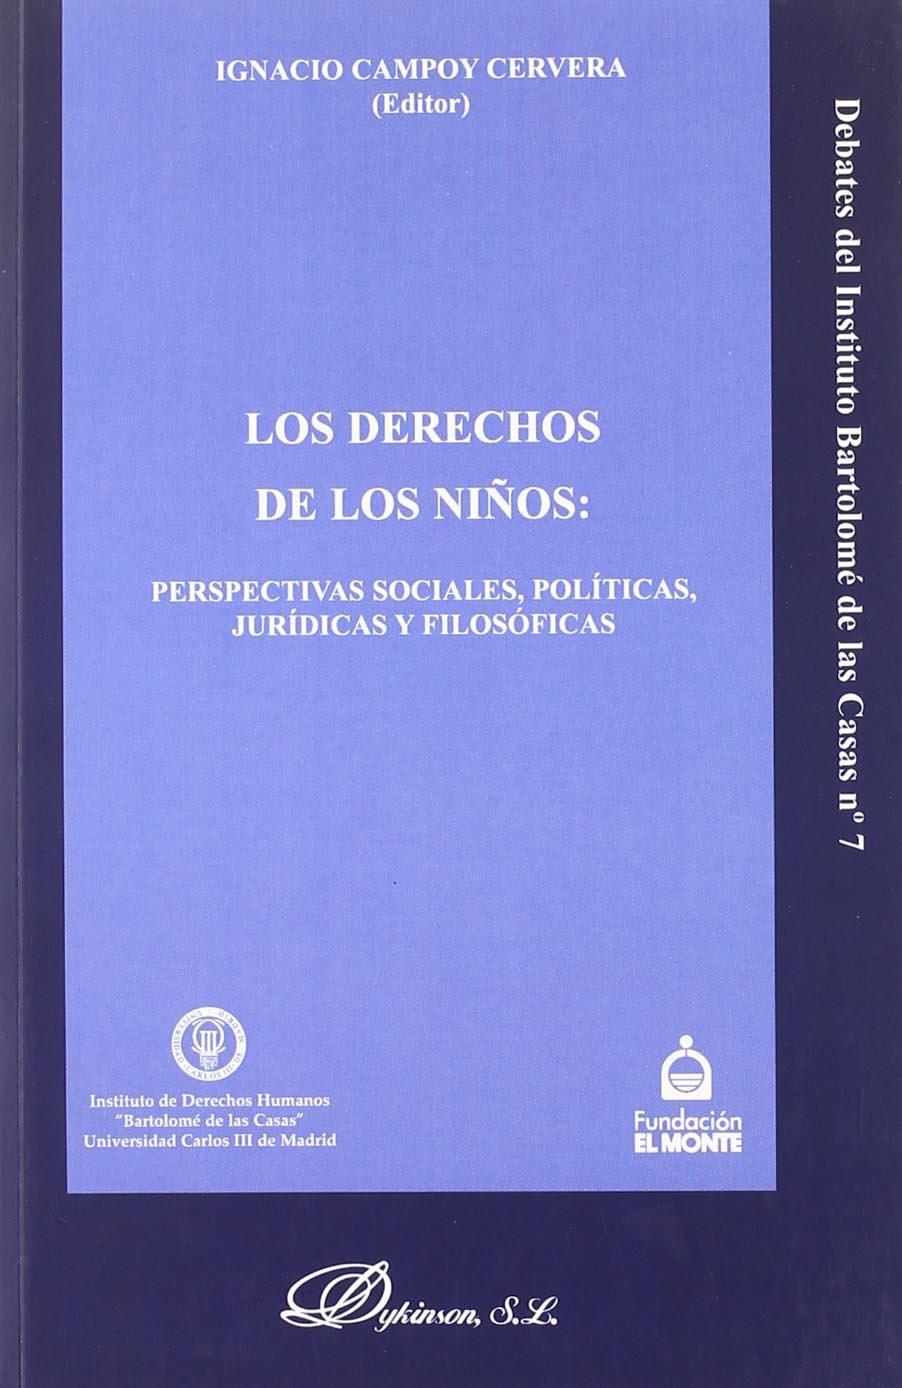 Los Derechos De Los Niños (Spanish Edition): Unknown: 9788498490442: Amazon.com: Books